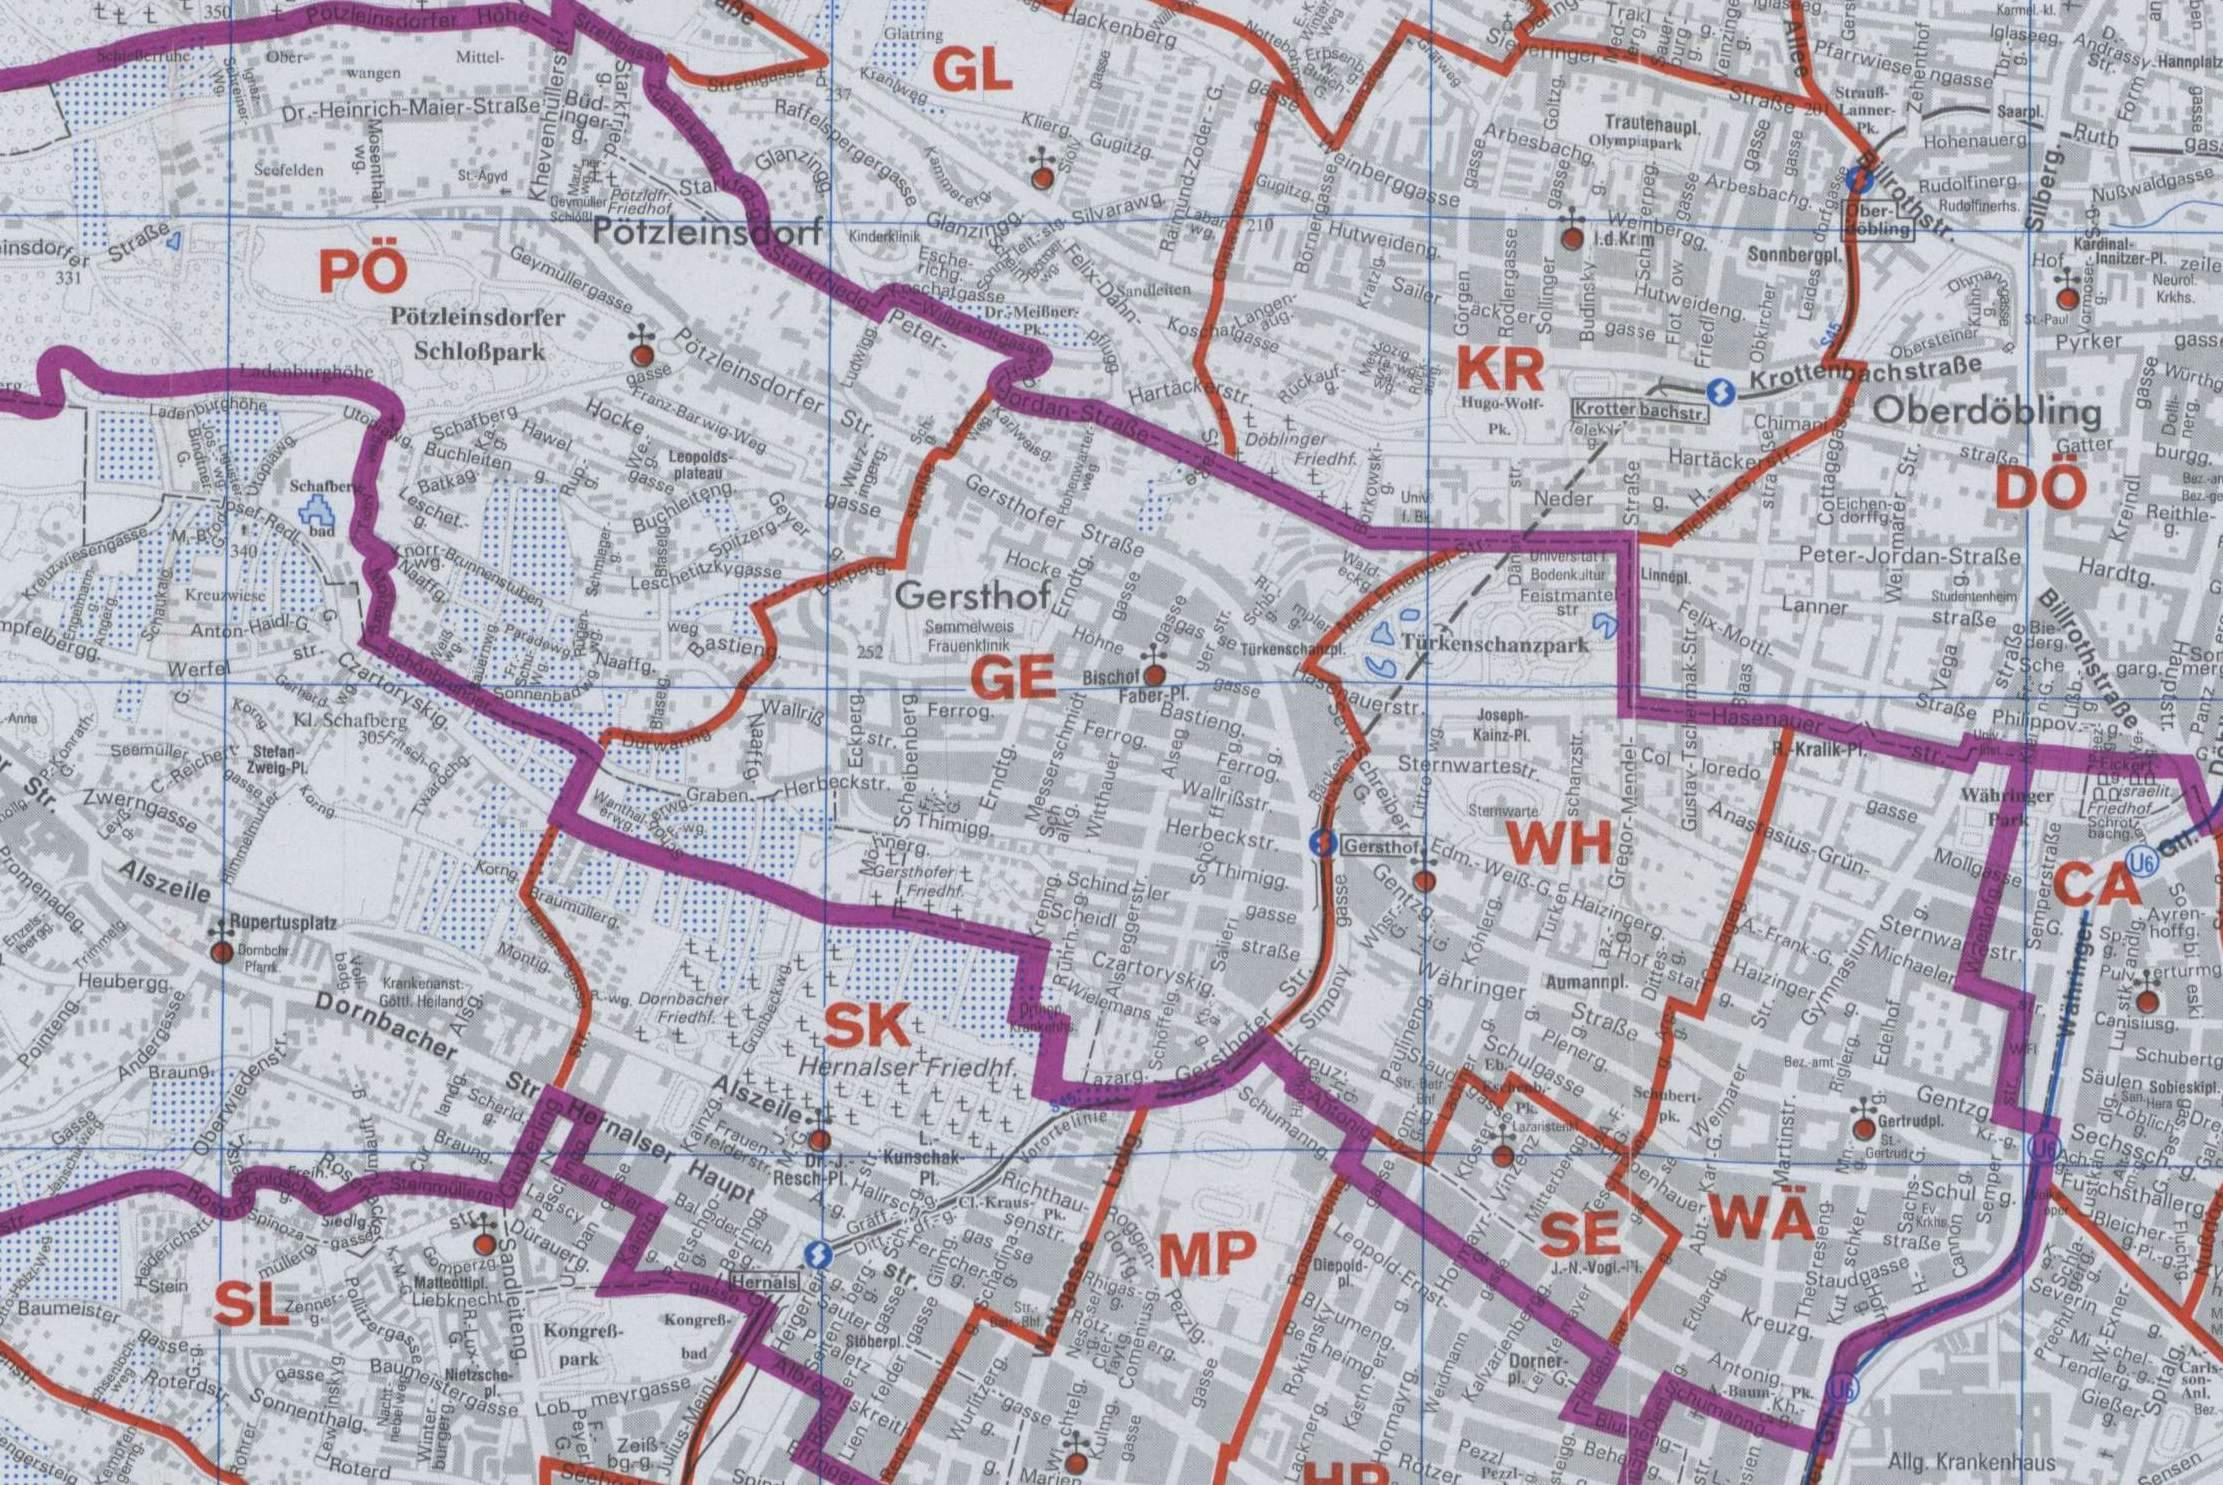 Karte Wien Niederosterreich.18 Waehring Wien Rk Erzdiozese Ostl Niederosterreich